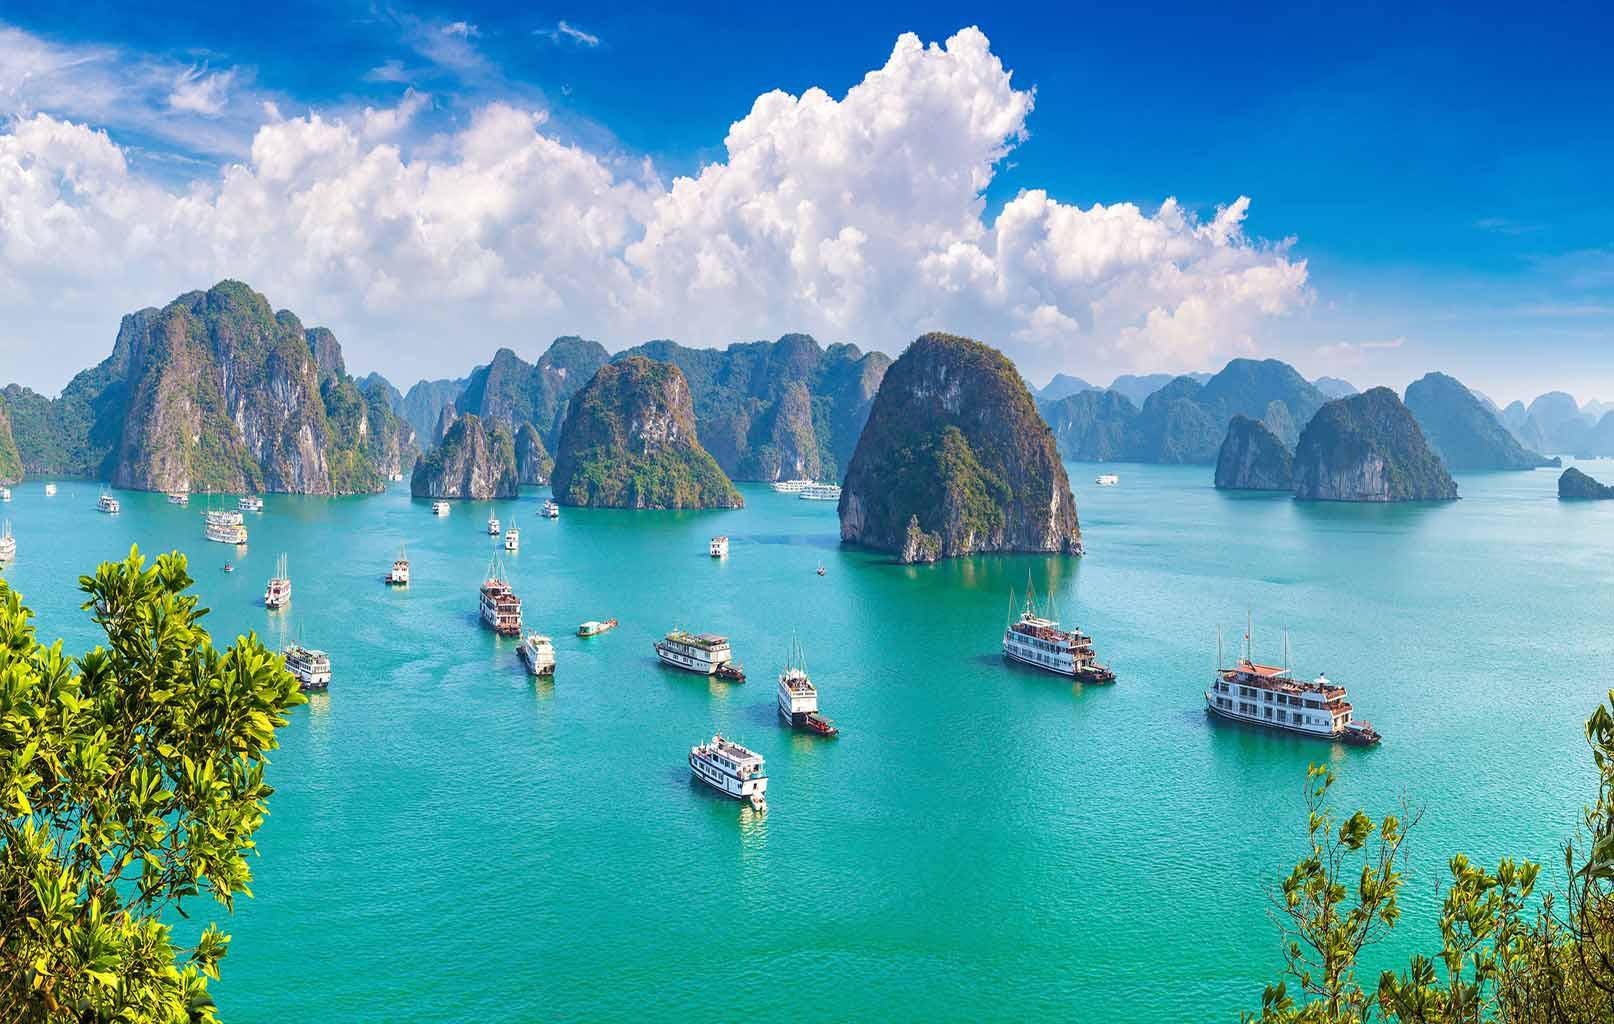 Southeast Asia Discovery - Tour Asia 18 days